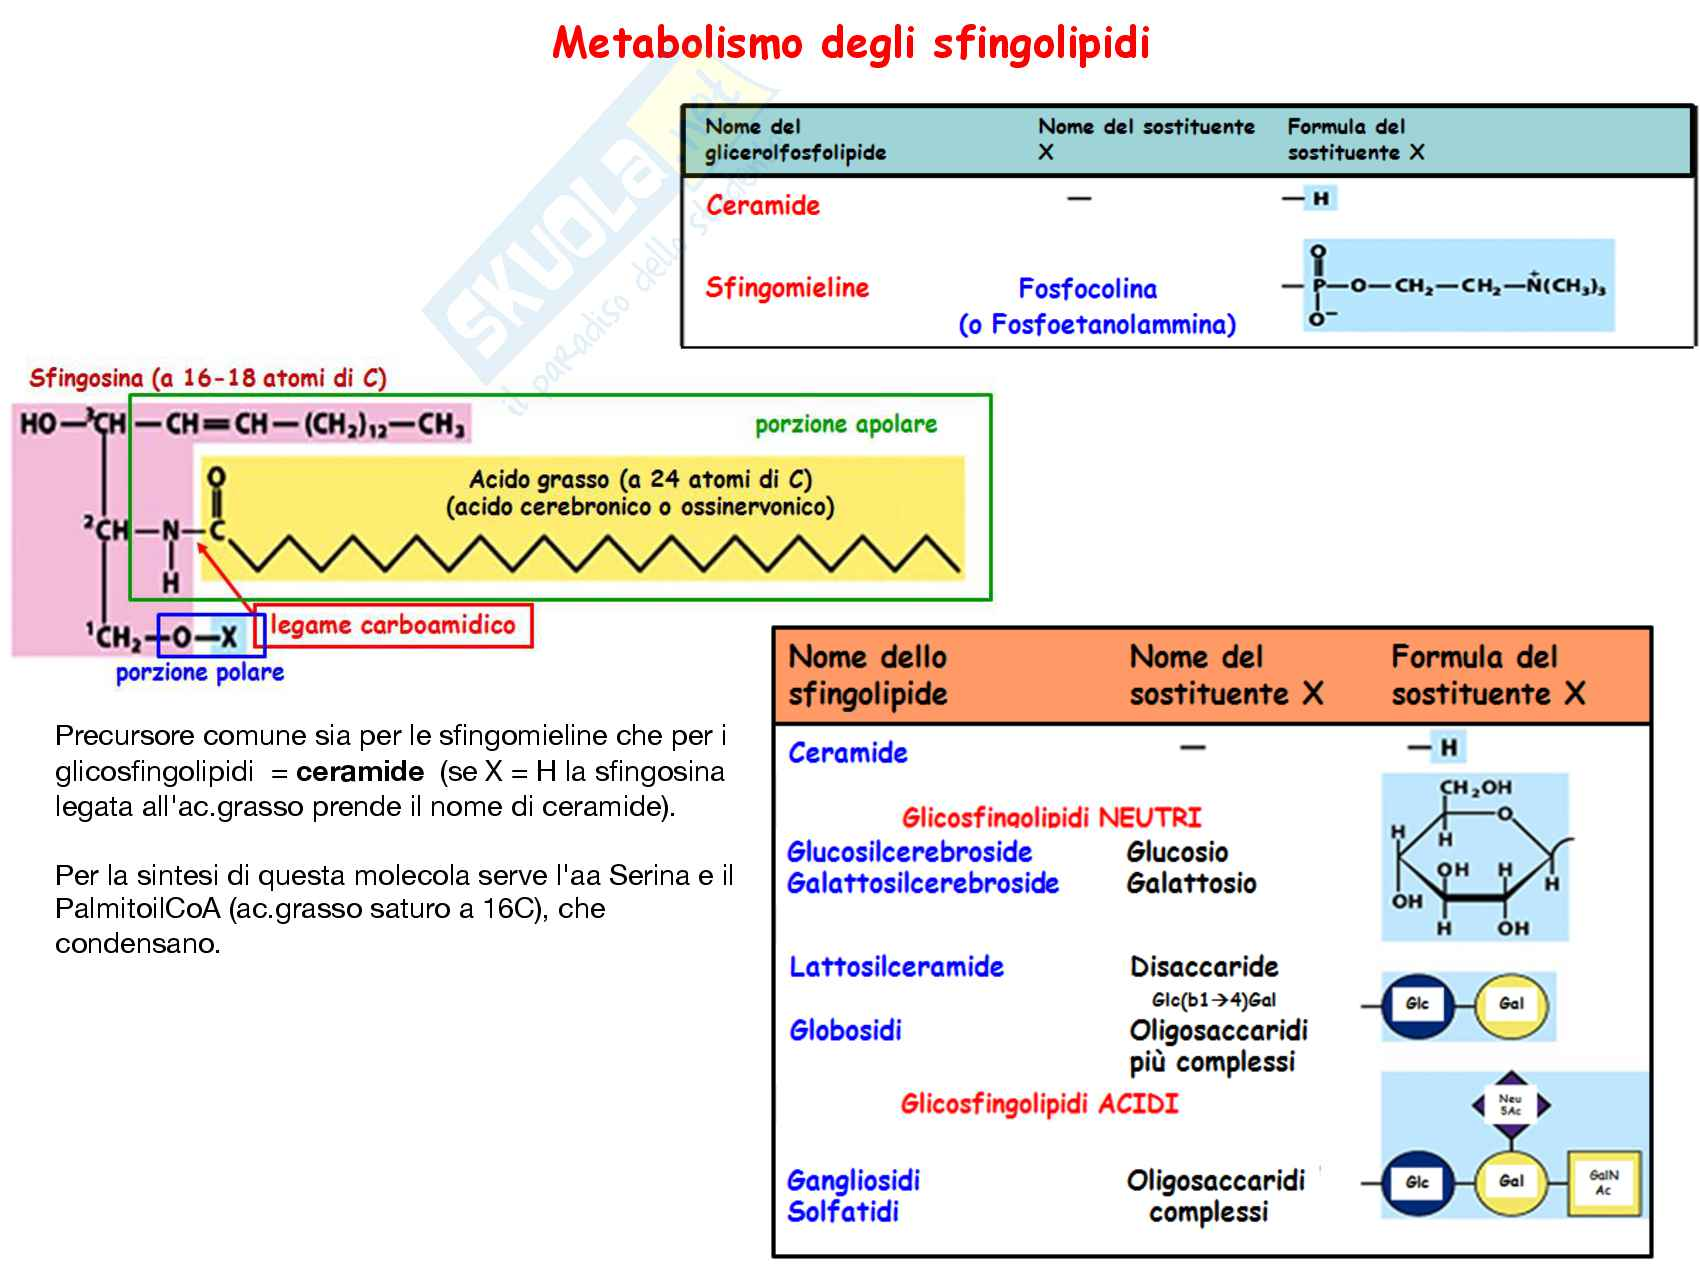 Metabolismo dei lipidi di membrana: Appunti di biochimica